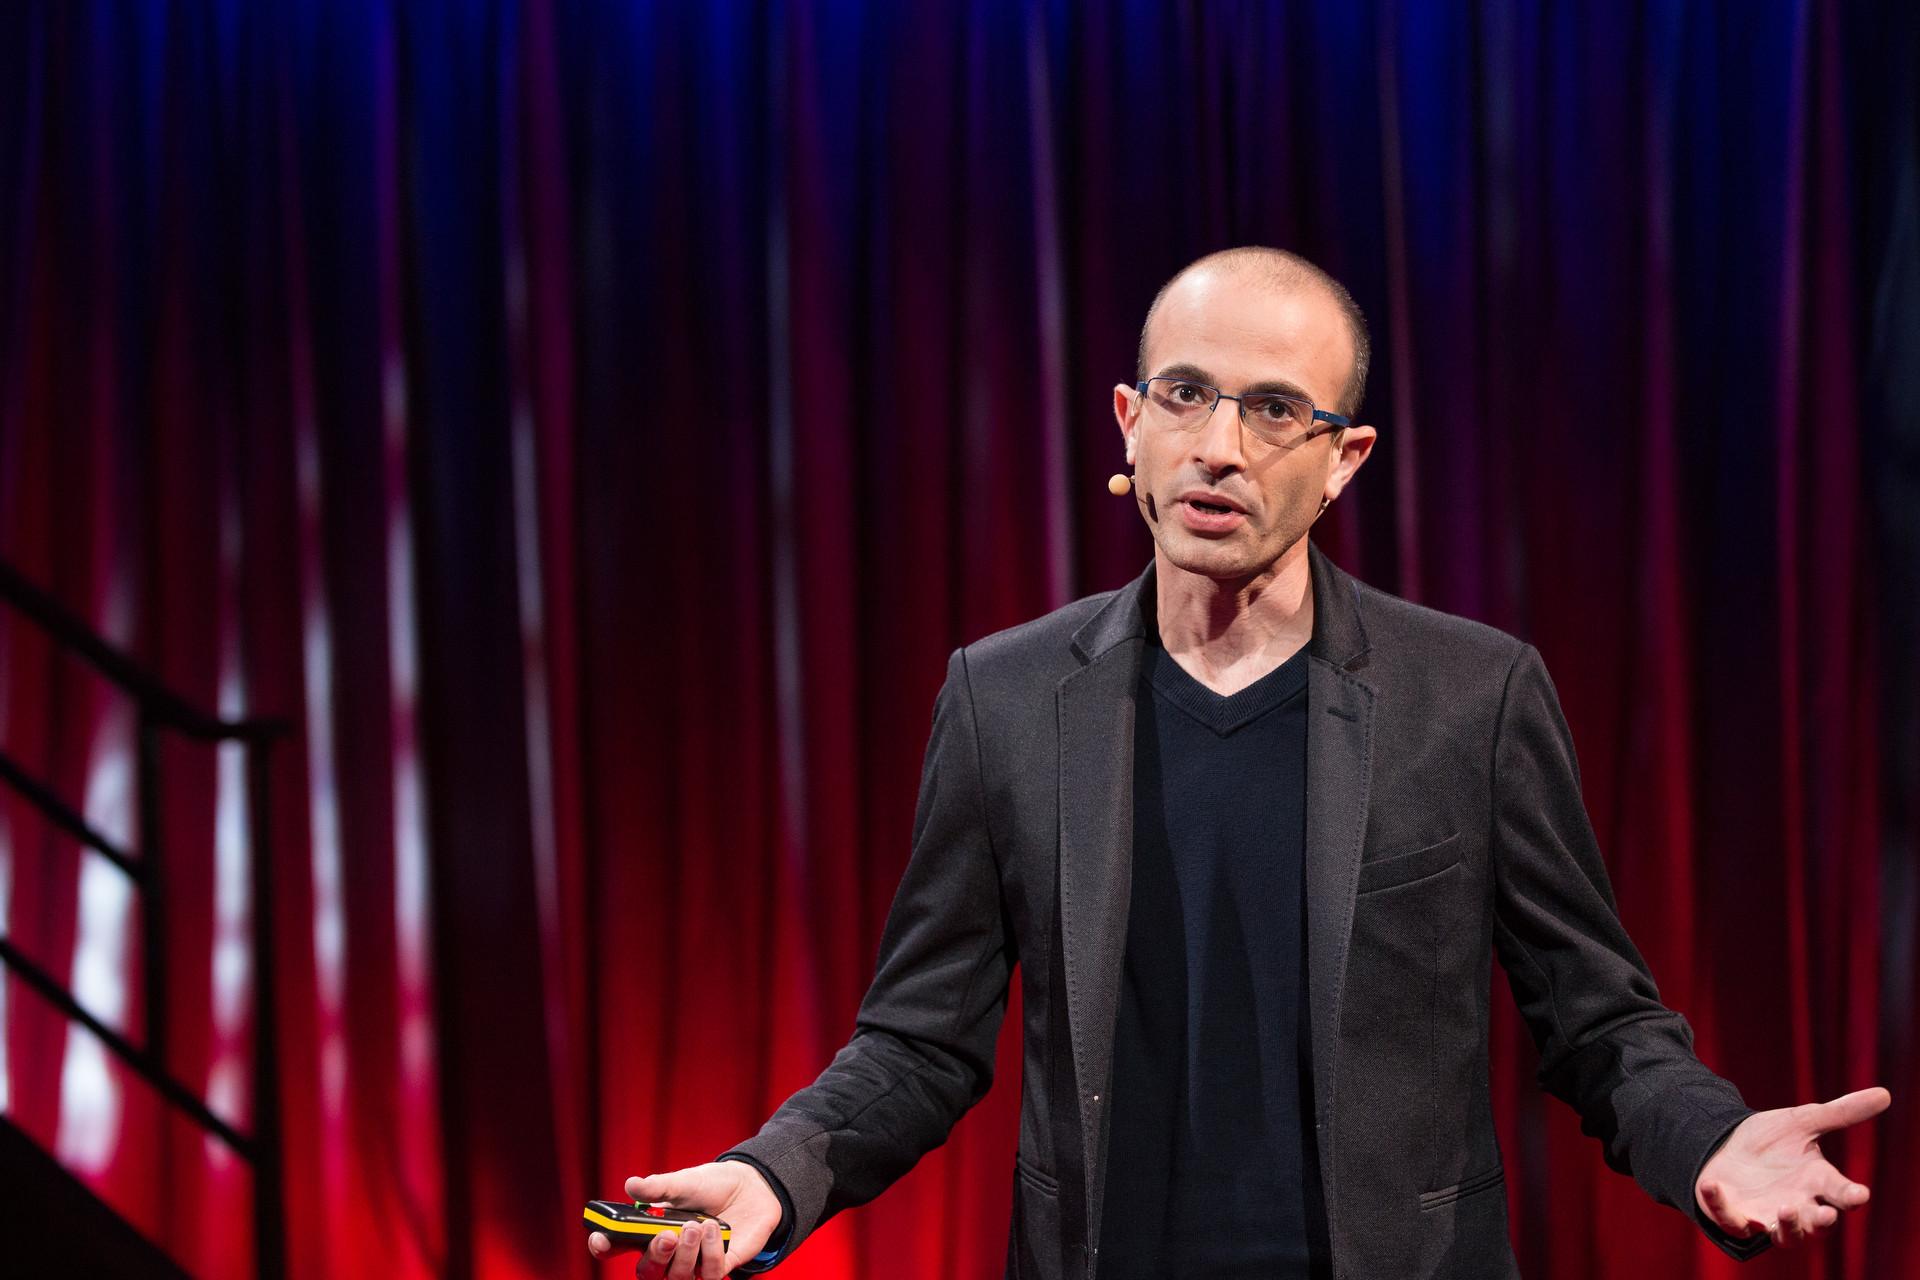 Warum haben wir Angst vor Innovation? Mit Yuval Noah